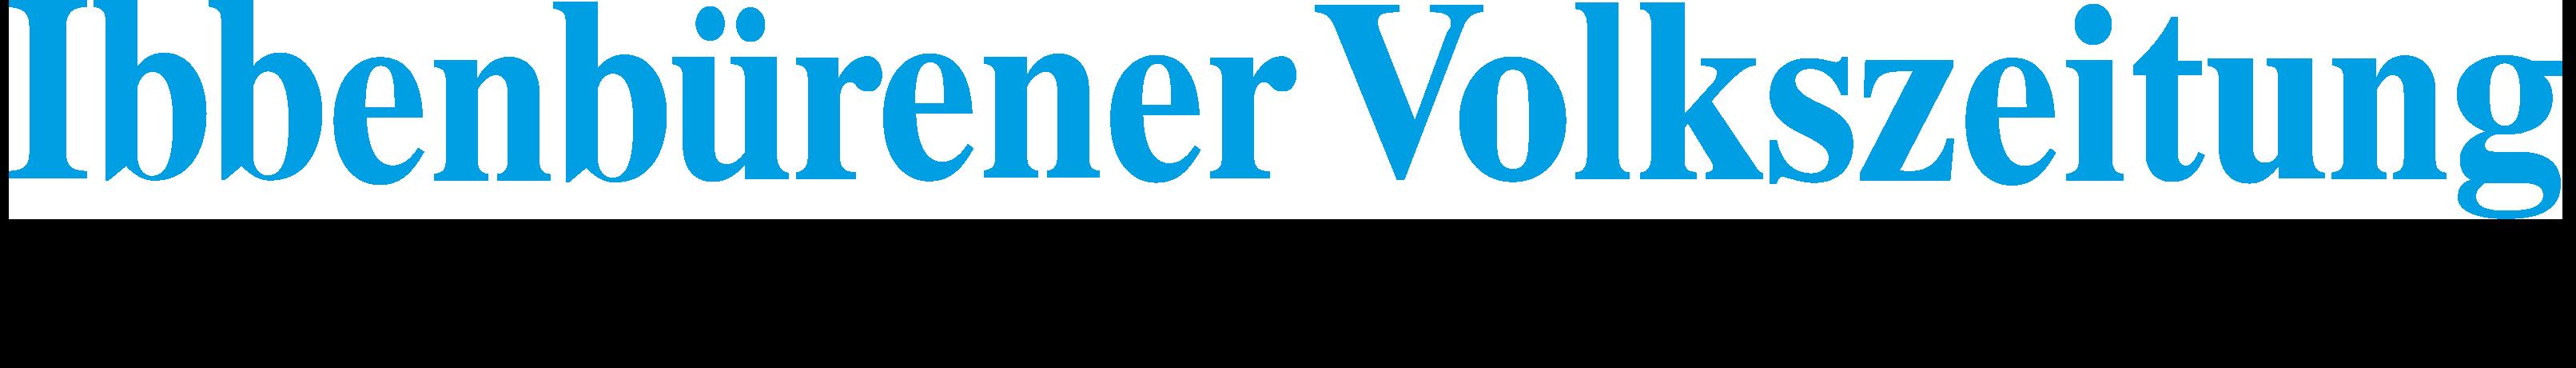 Logo von Ibbenbürener Volkszeitung